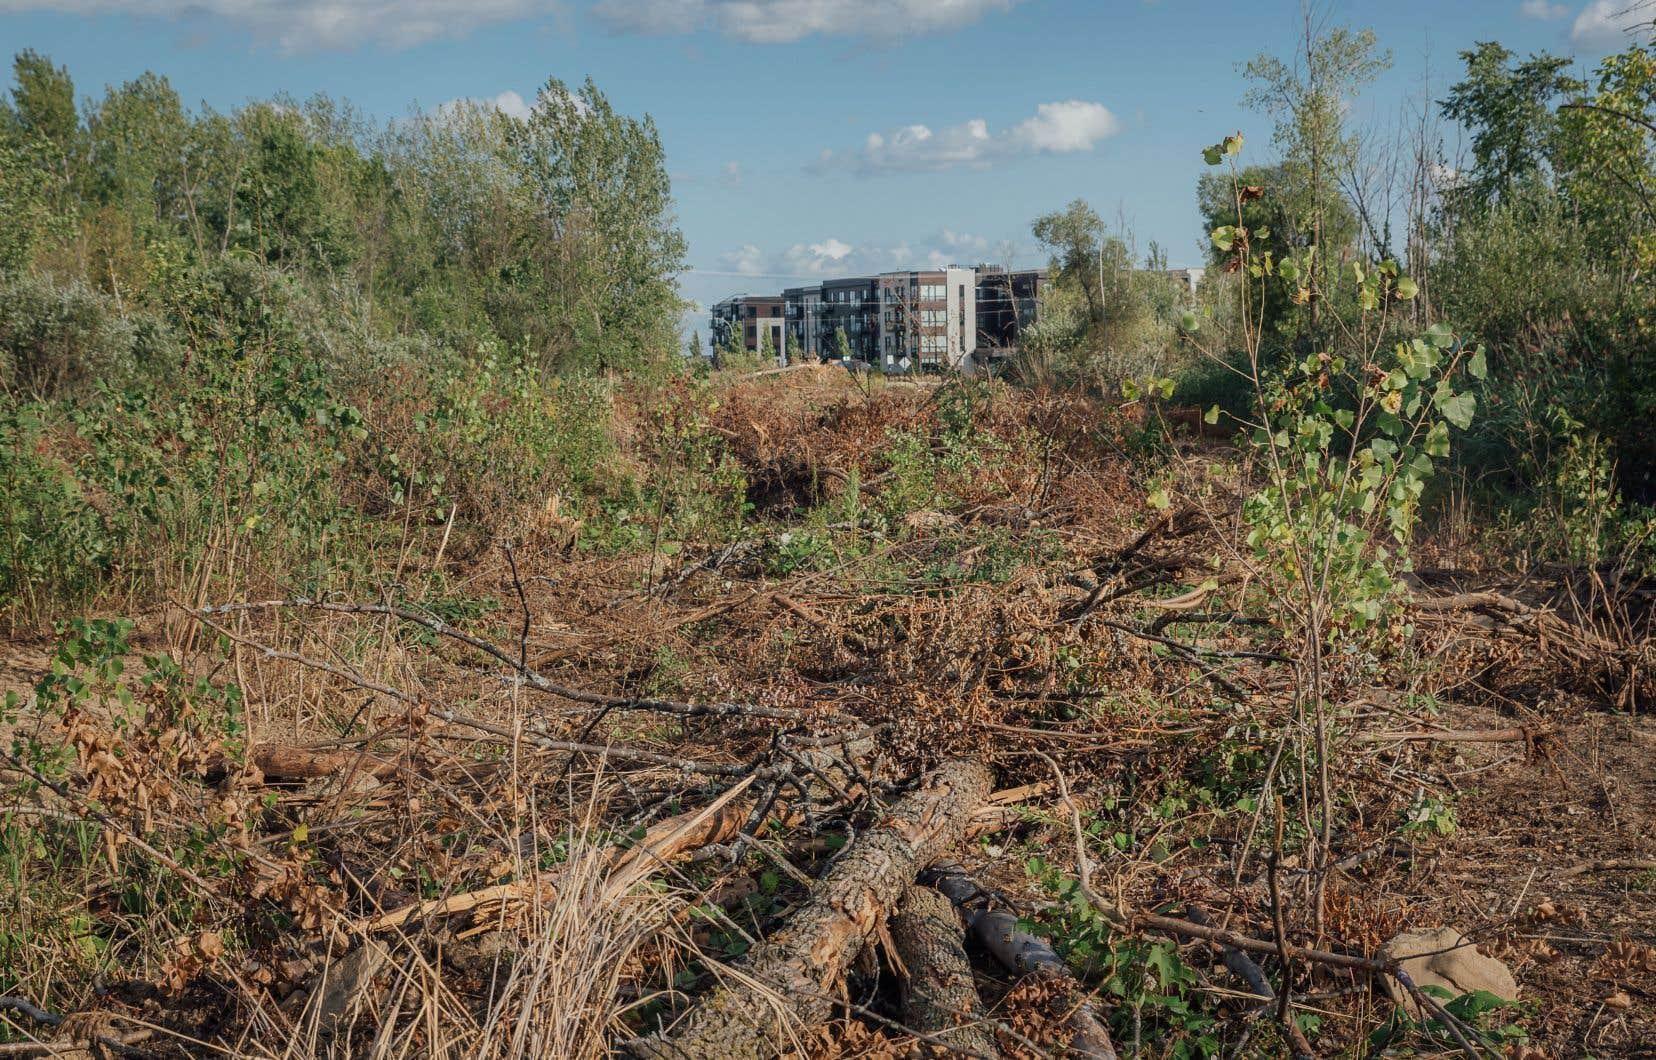 Le prolongement d'un boulevard de Longueuil dans l'habitat de la rainette faux-grillon risque d'avoir «des conséquences significatives sur le maintien de la population», selon les experts du gouvernement du Québec.